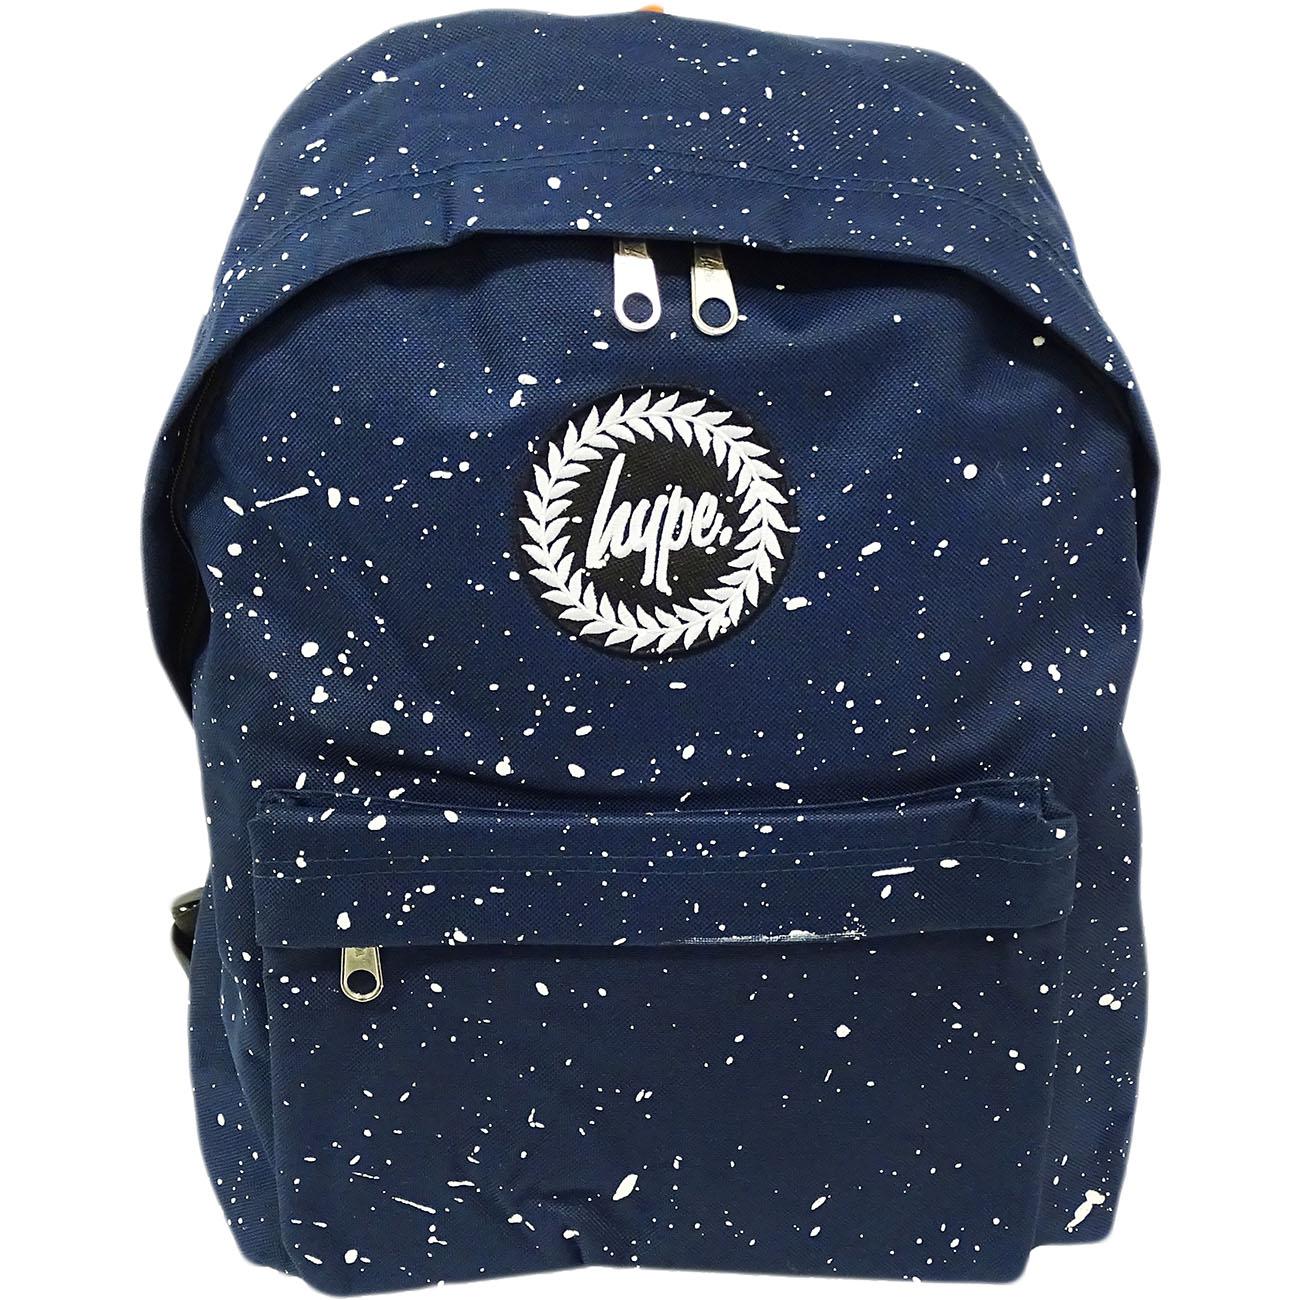 Hype Backpack Bag 'Splatter' Navy with White